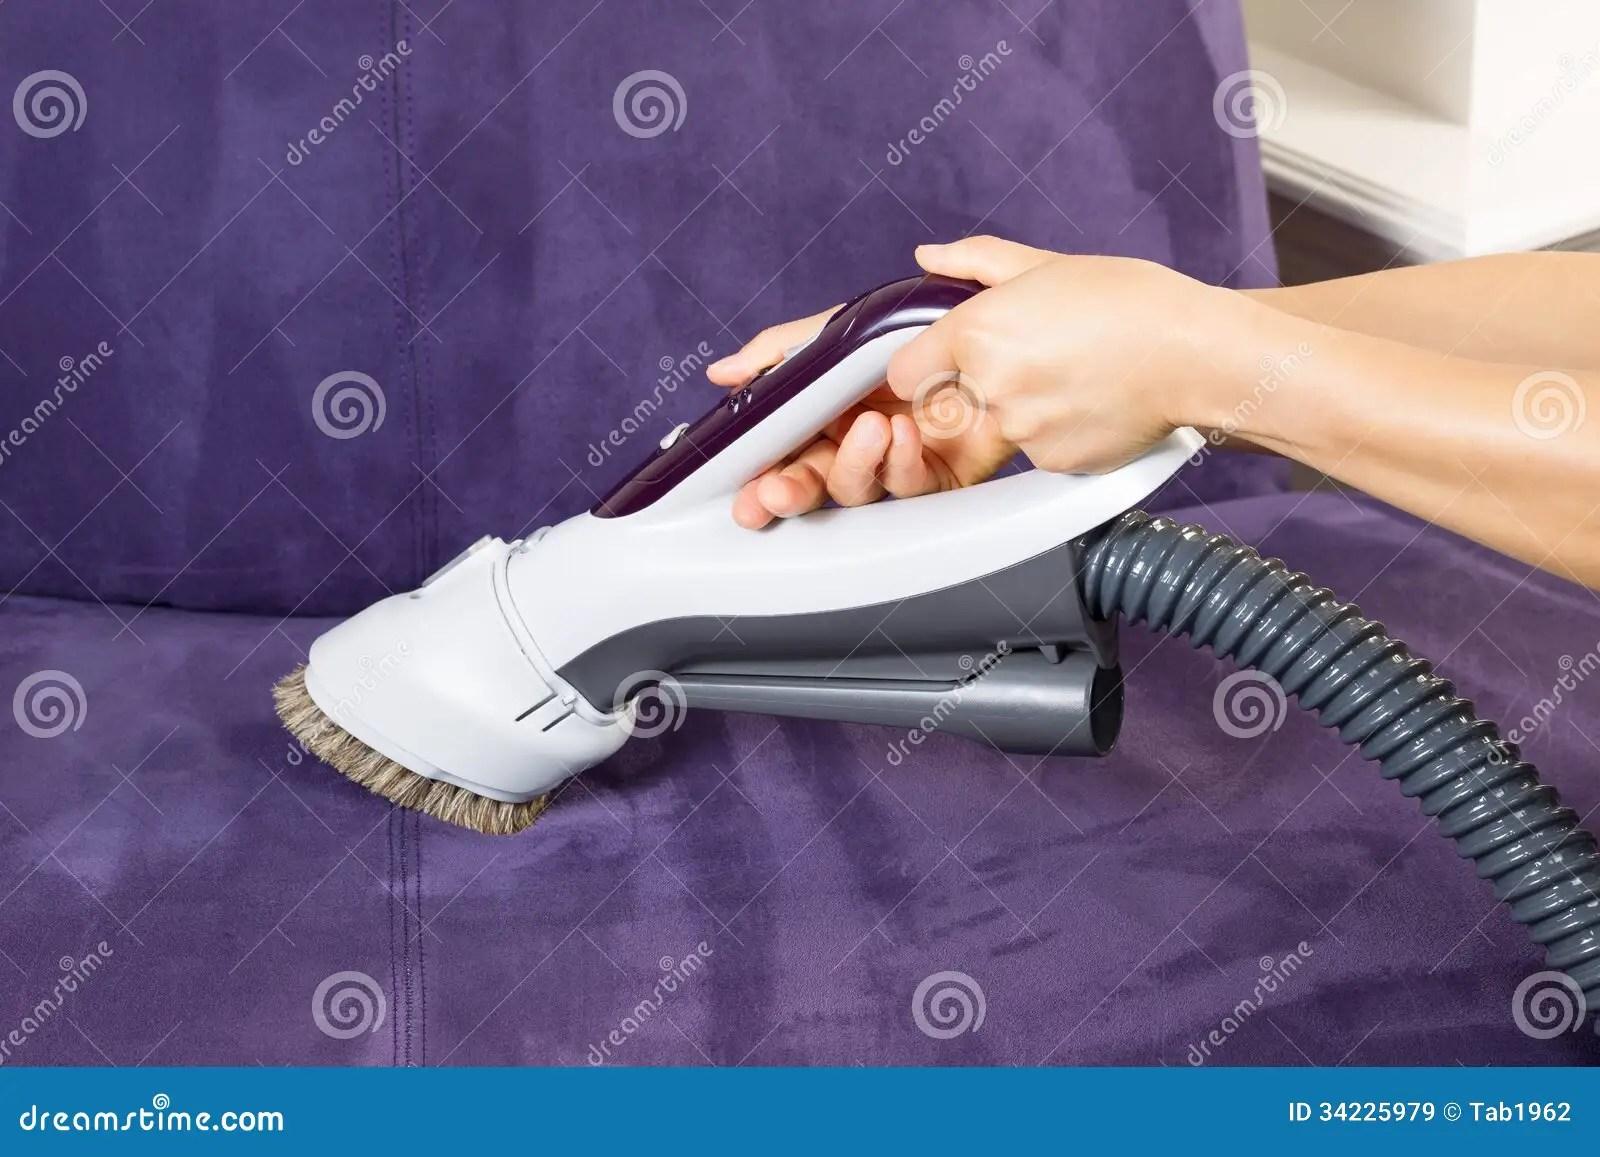 Sofa Set Vacuum Cleaner